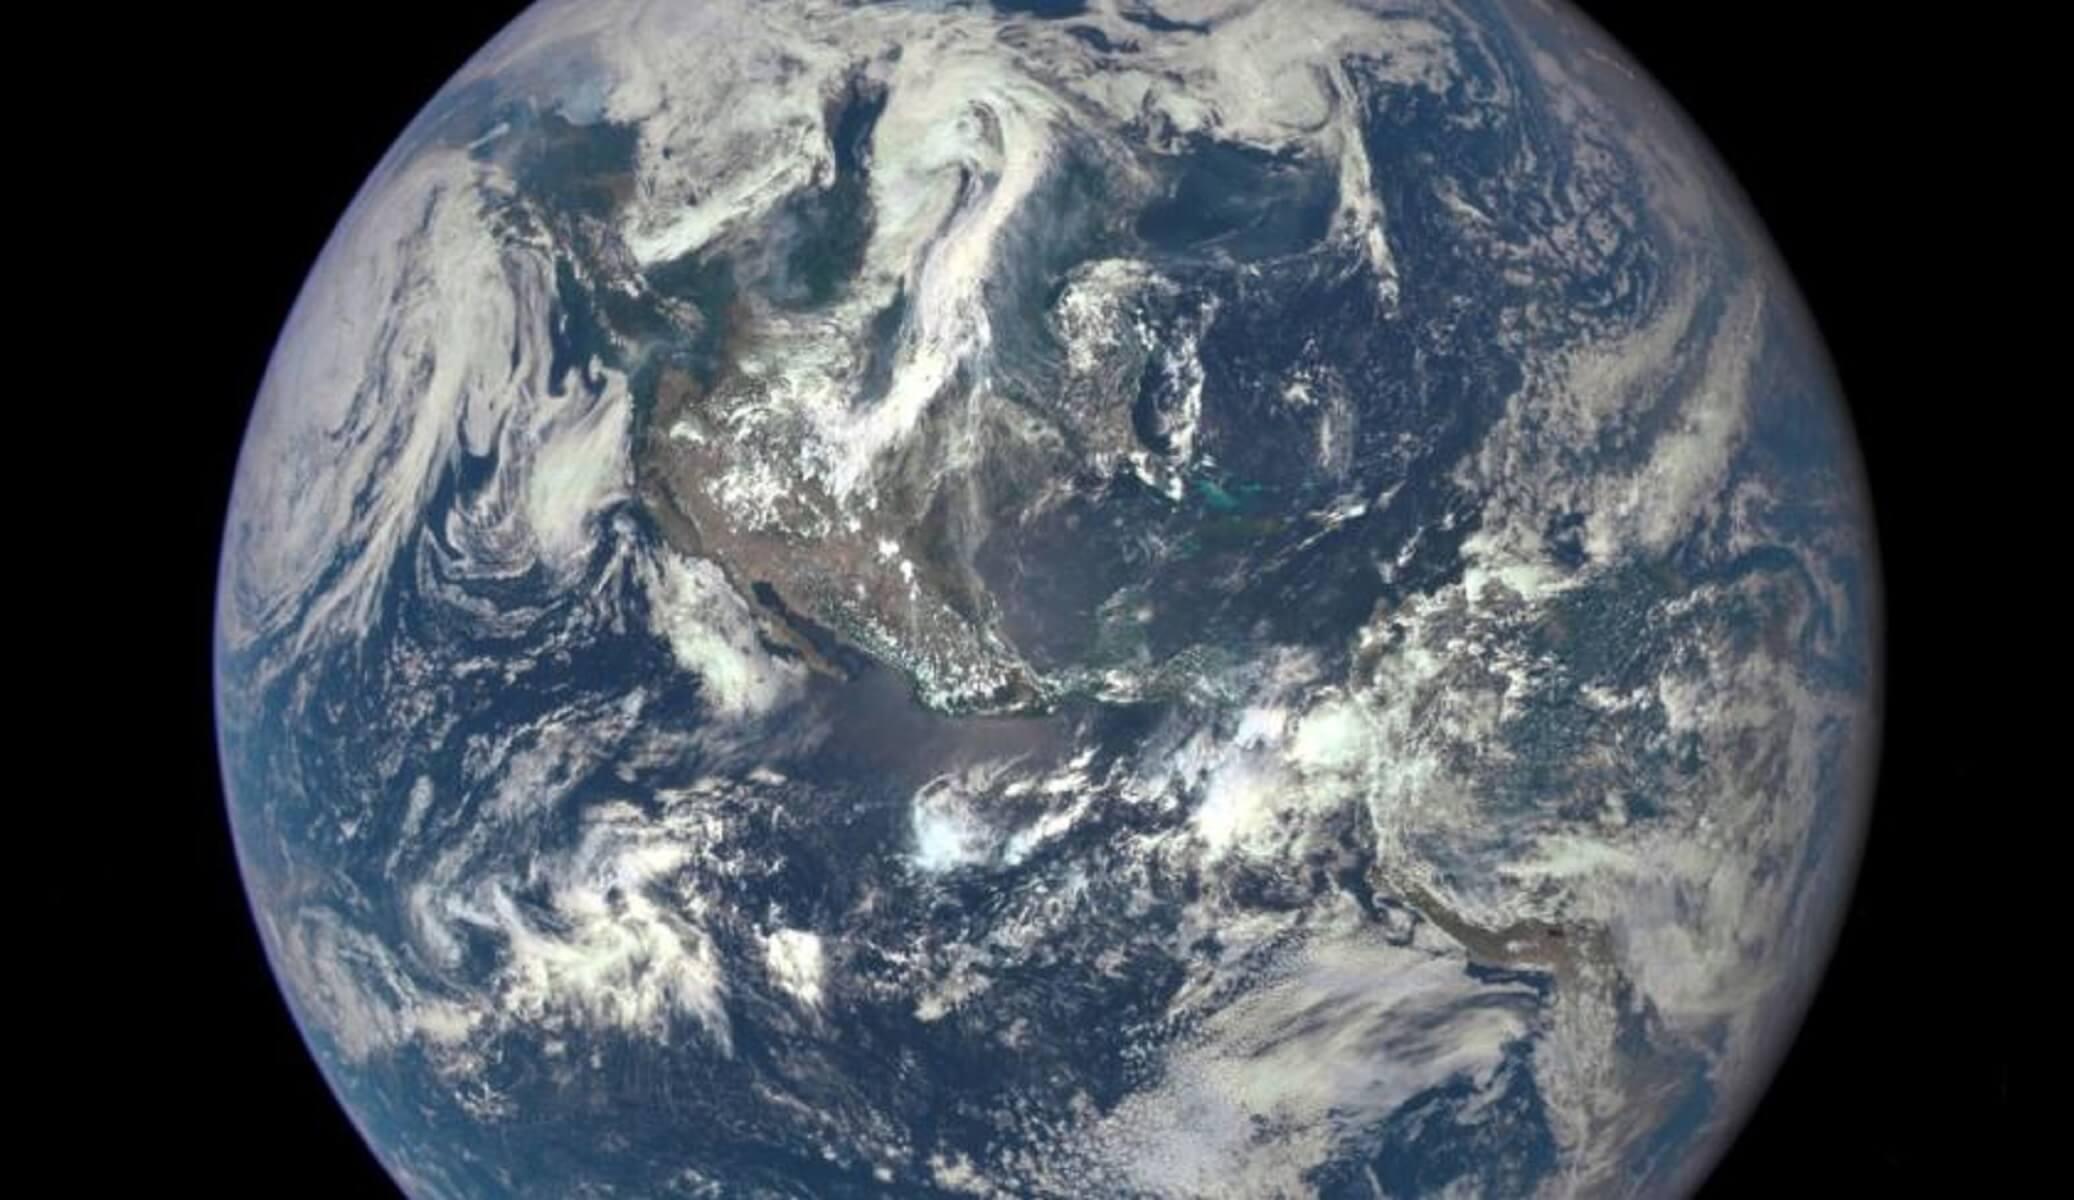 Ρώσοι εντόπισαν περίεργες εκρήξεις στην ατμόσφαιρα της Γης